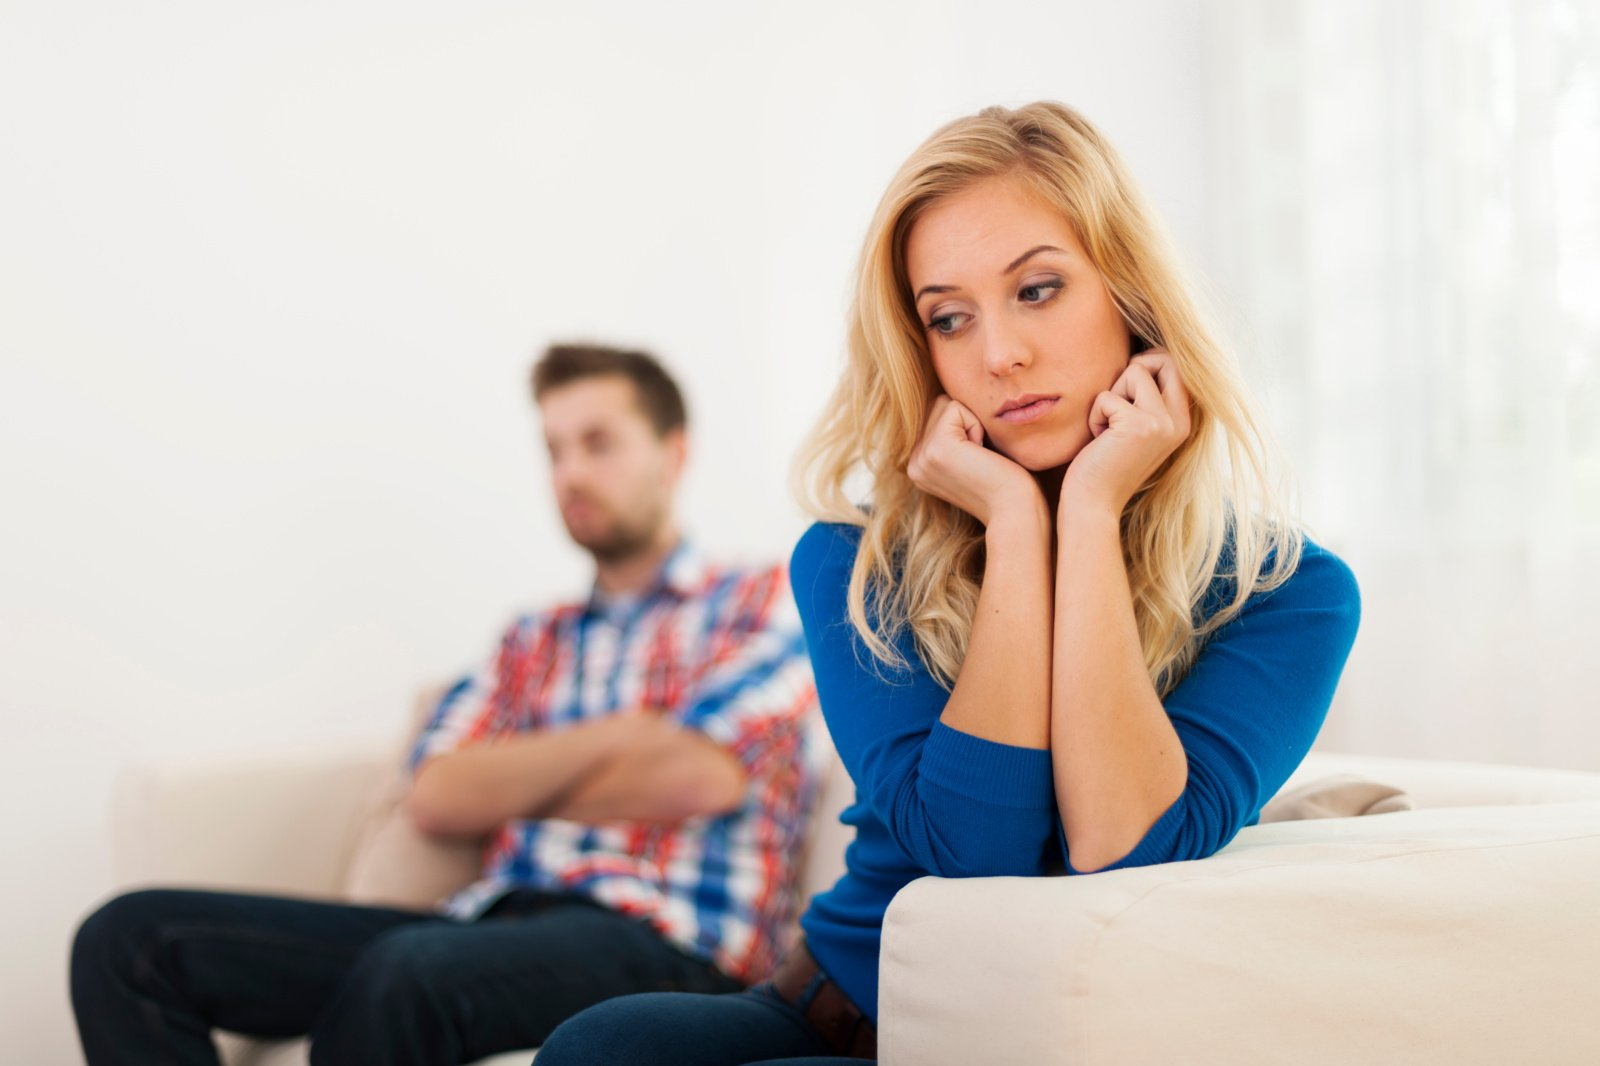 7 ženklai, kad jūsų santykiai žlunga, ir kaip juos išsaugoti